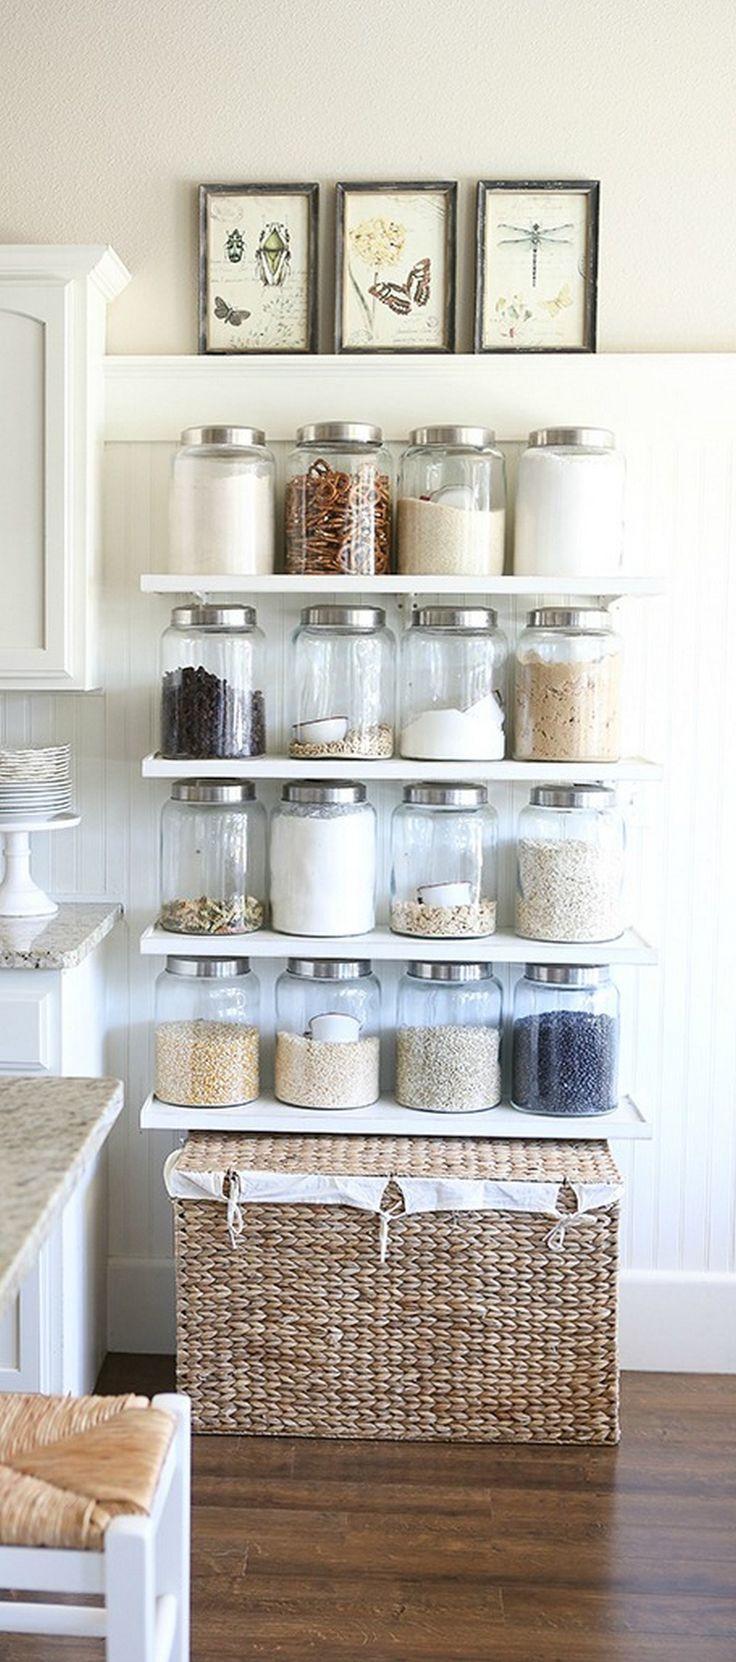 Küchenschränke aus paletten  besten kitchen ideas bilder auf pinterest  gardening tipps und